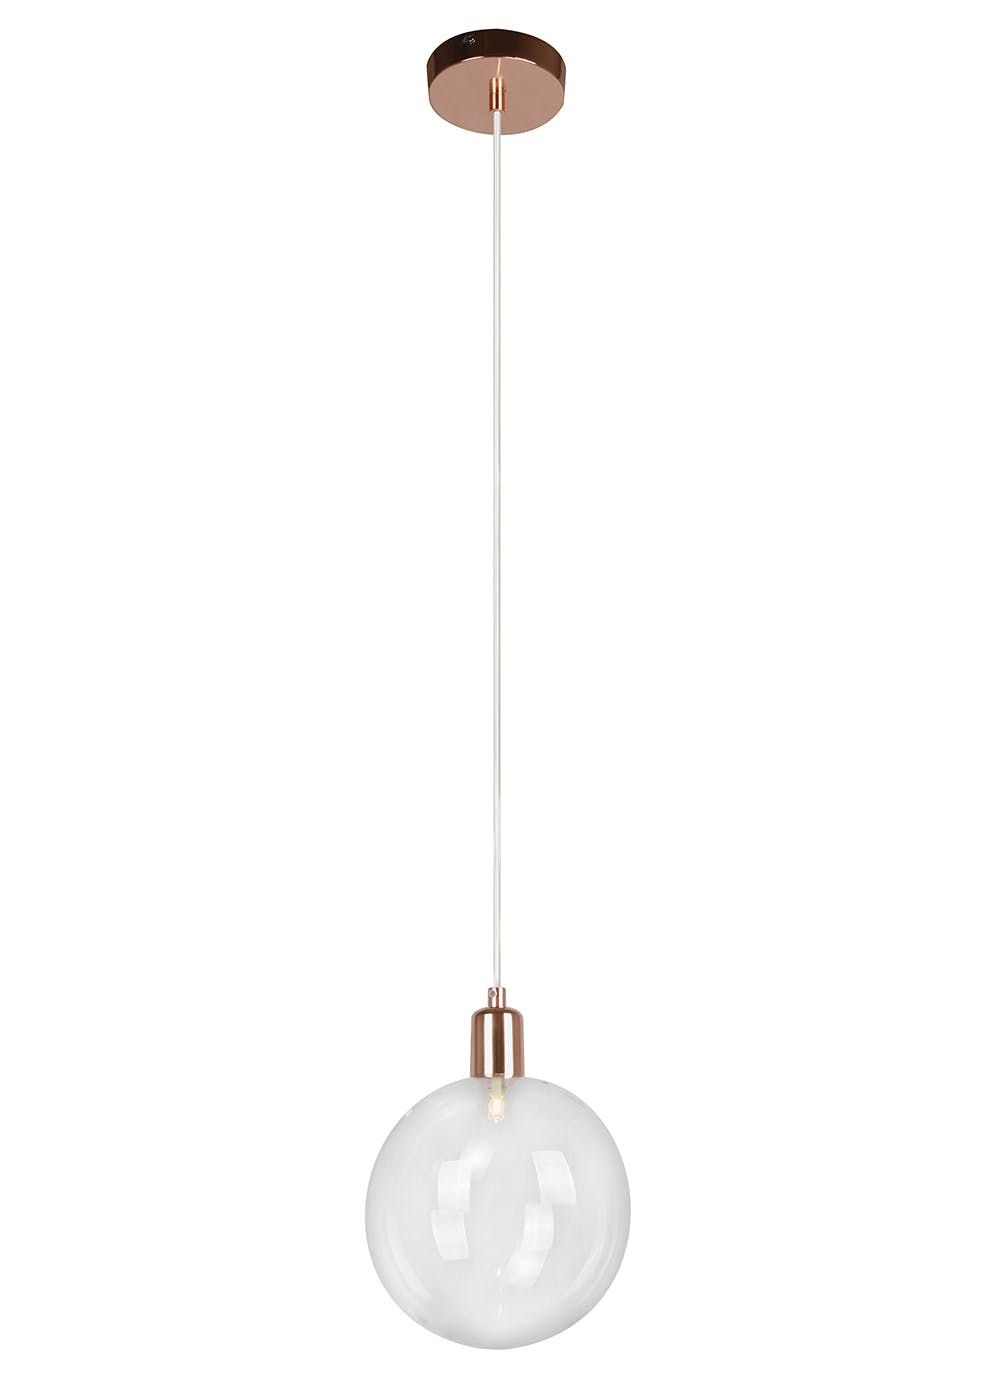 Byron copper pendant light h110cm 51cm x w18cm round glass byron copper pendant light h110cm 51cm x w18cm copper a single large round glass aloadofball Images